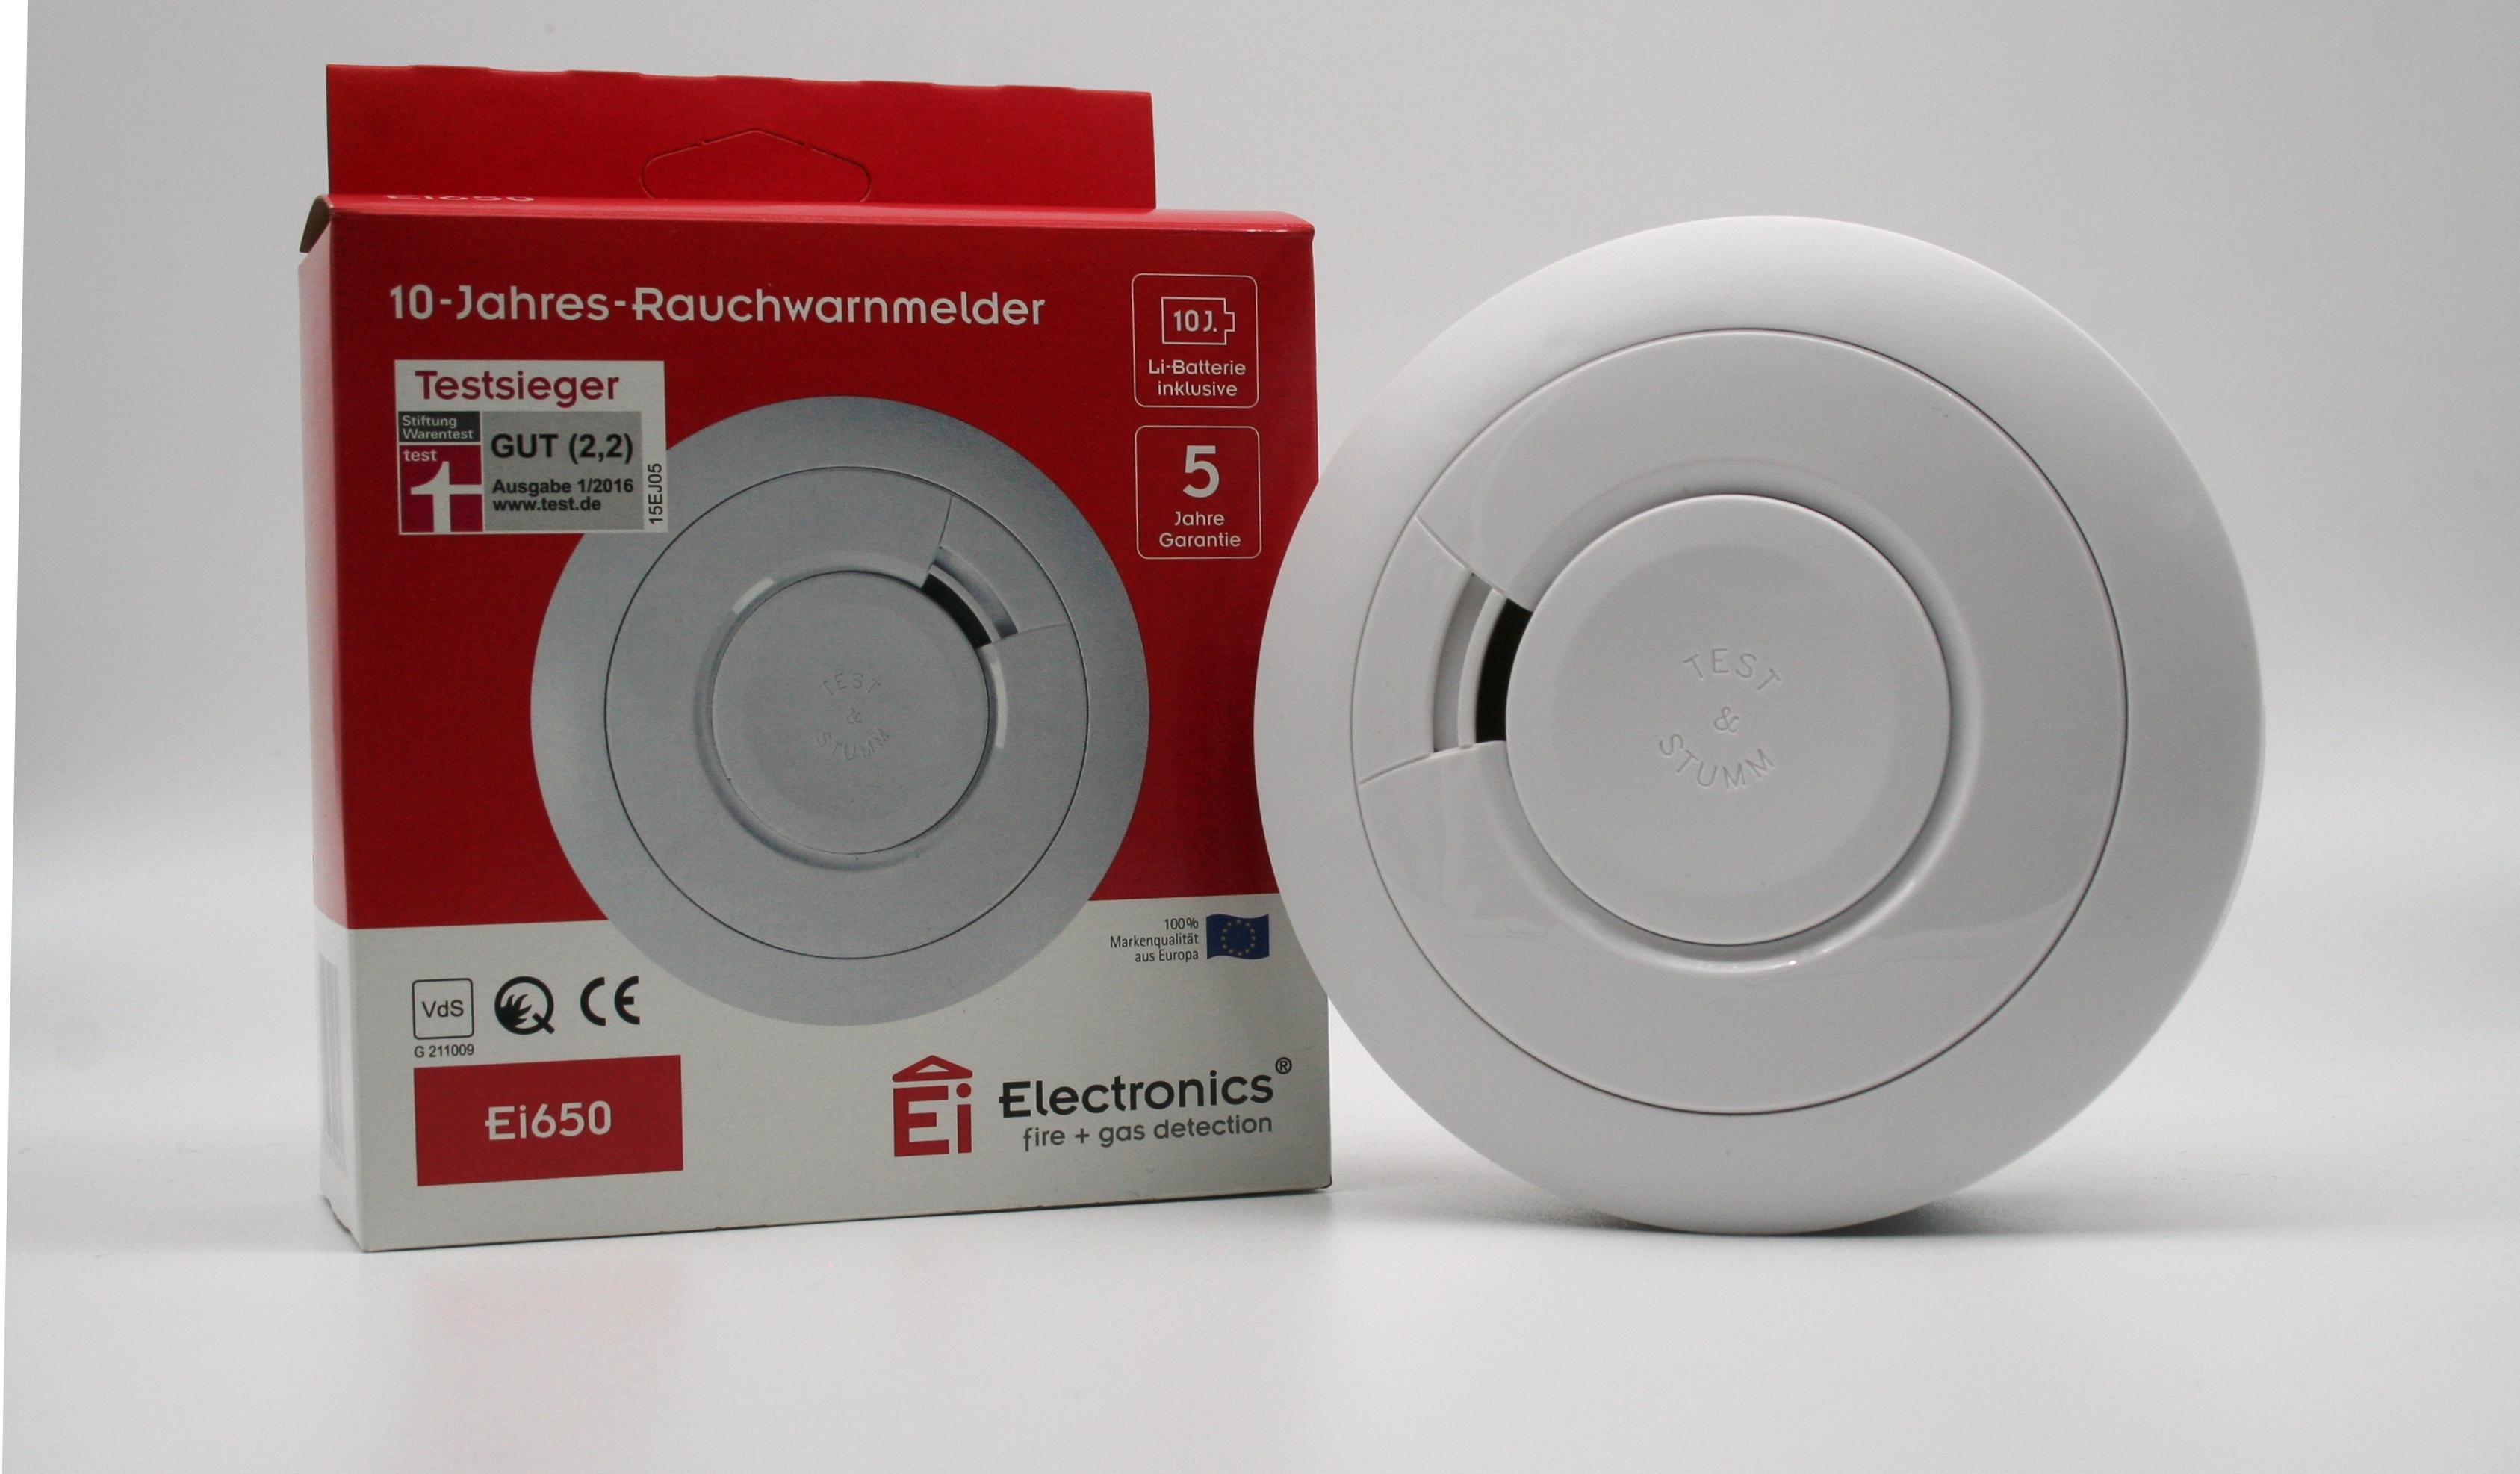 Vorschau Rauchmelder Ei Electronics Ei650 10 Jahres Rauchwarnmelder